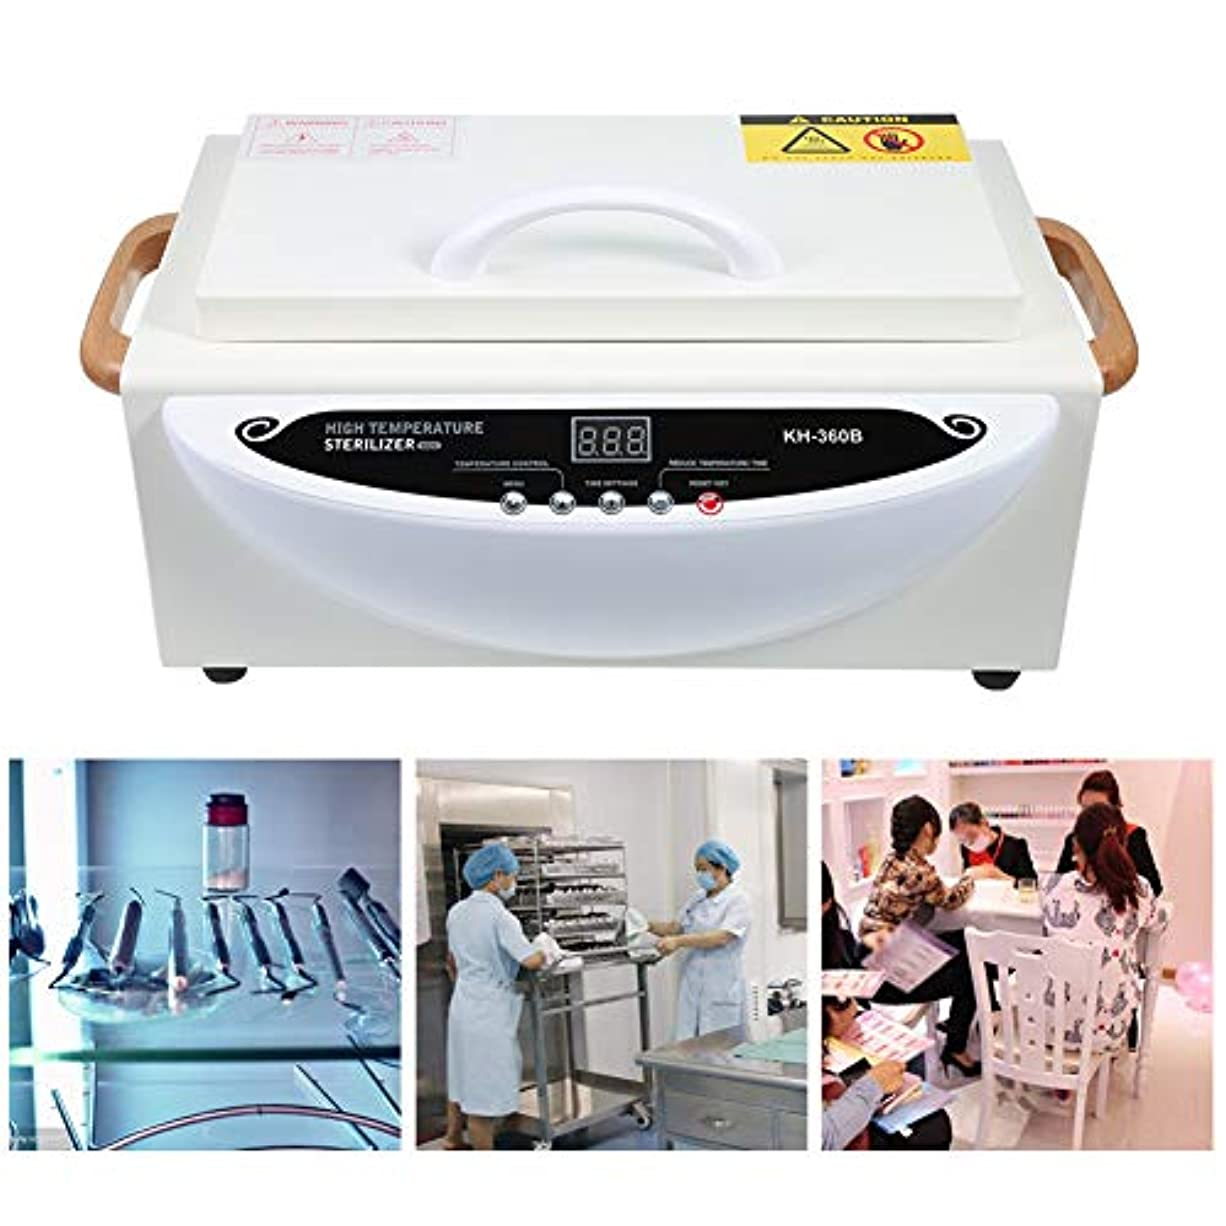 リーチそれぞれ残酷な220V高温滅菌器電気マニキュアネイルツール消毒キャビネットポータブル機器滅菌ツール